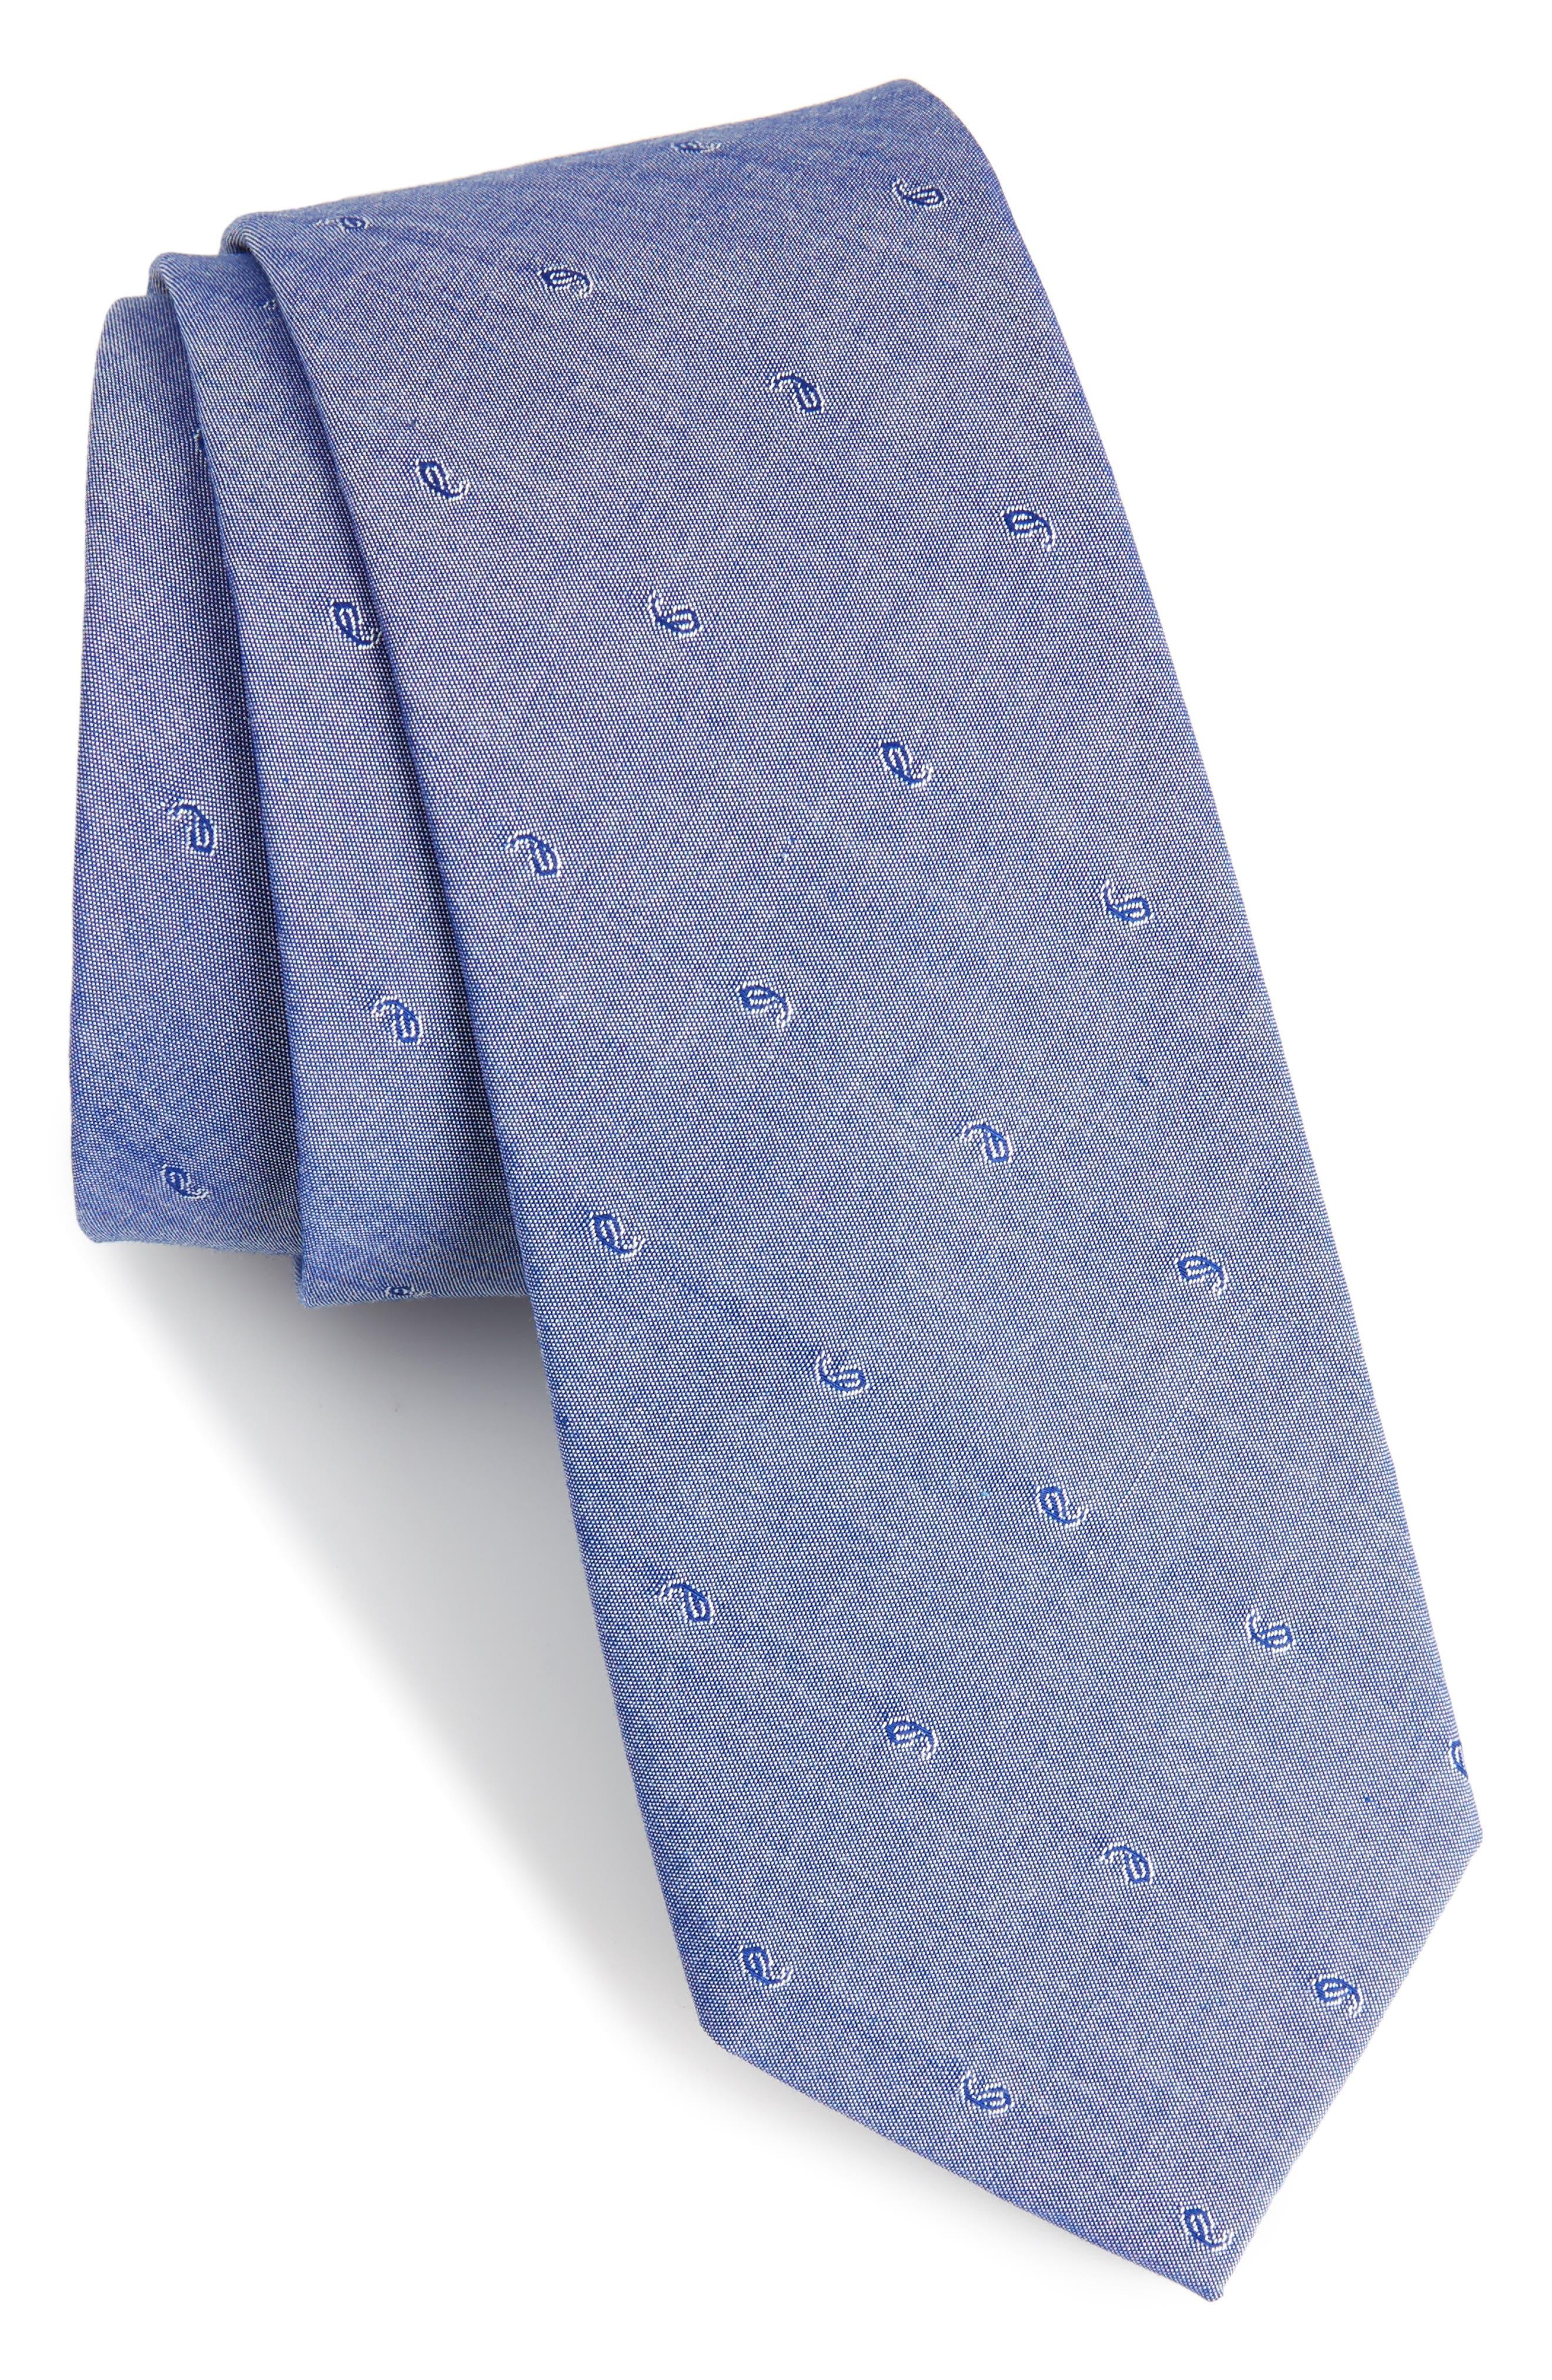 Main Image - 1901 Indigo Pine Cotton Skinny Tie